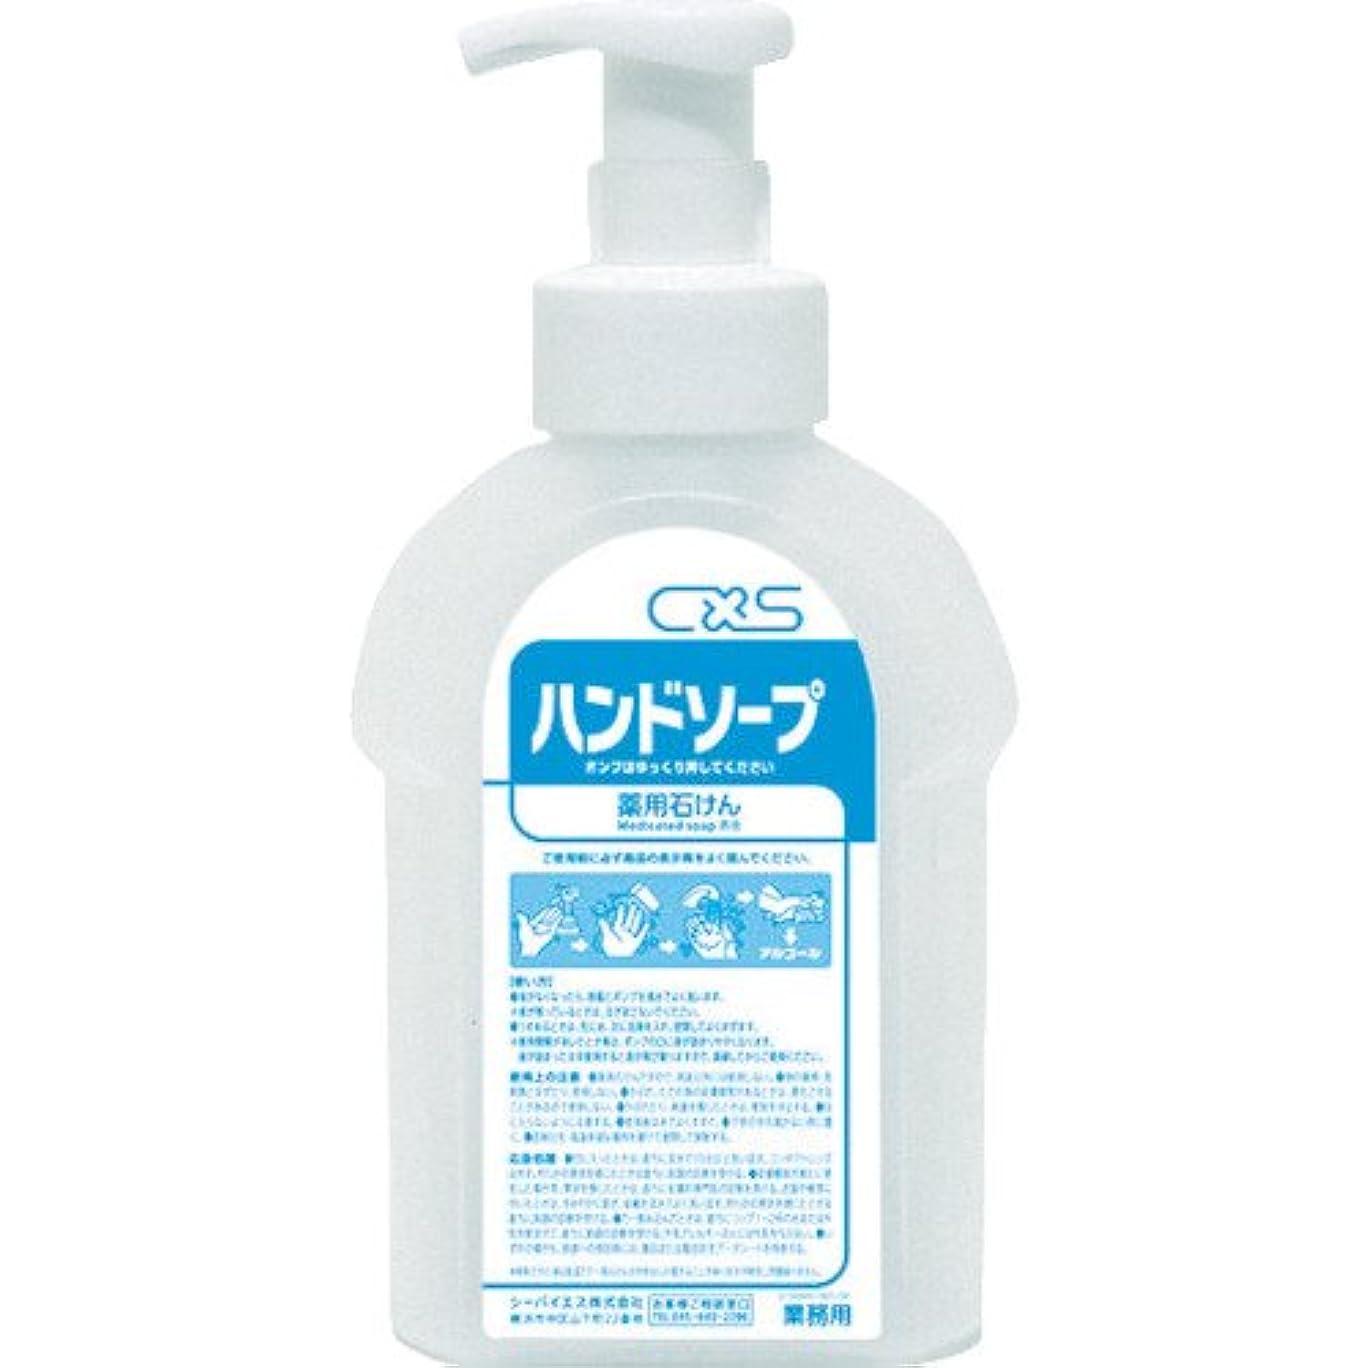 留まる中級コンパニオンシーバイエス(C×S) 詰替え用ボトル ハンドソープボトル 600ml 6本入